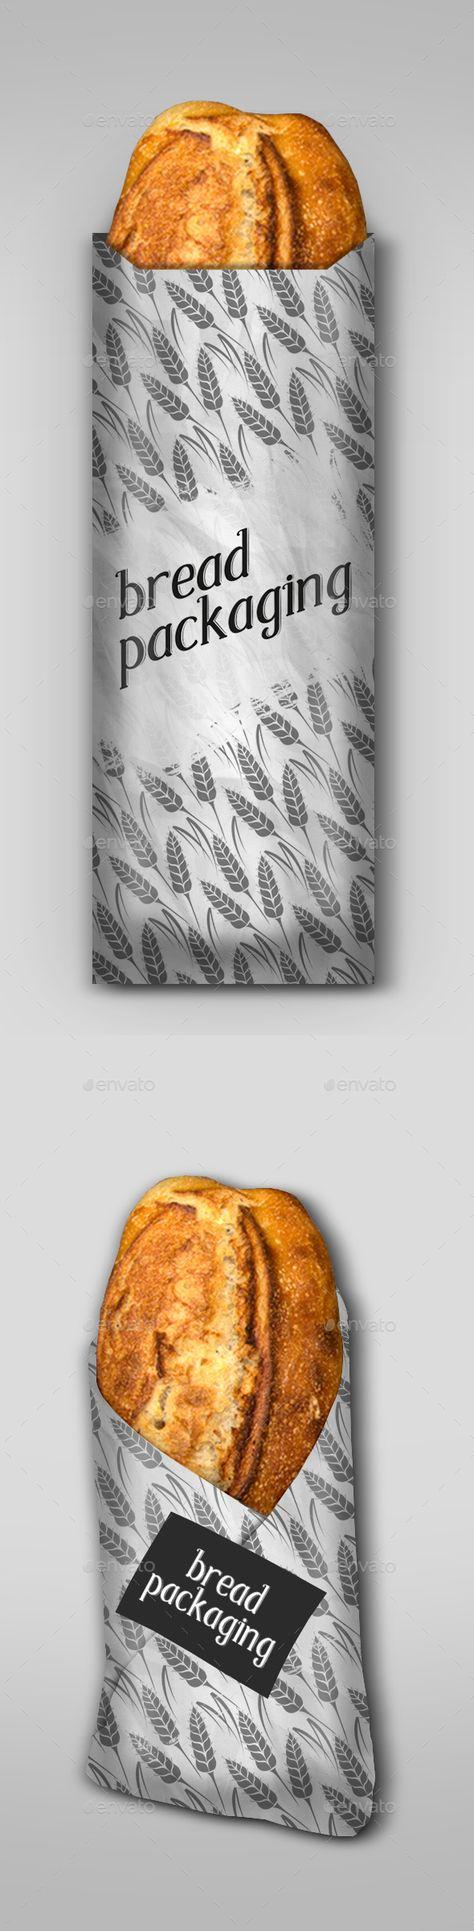 Download 100 Mon Ideas Mockup Mockup Design Packaging Mockup